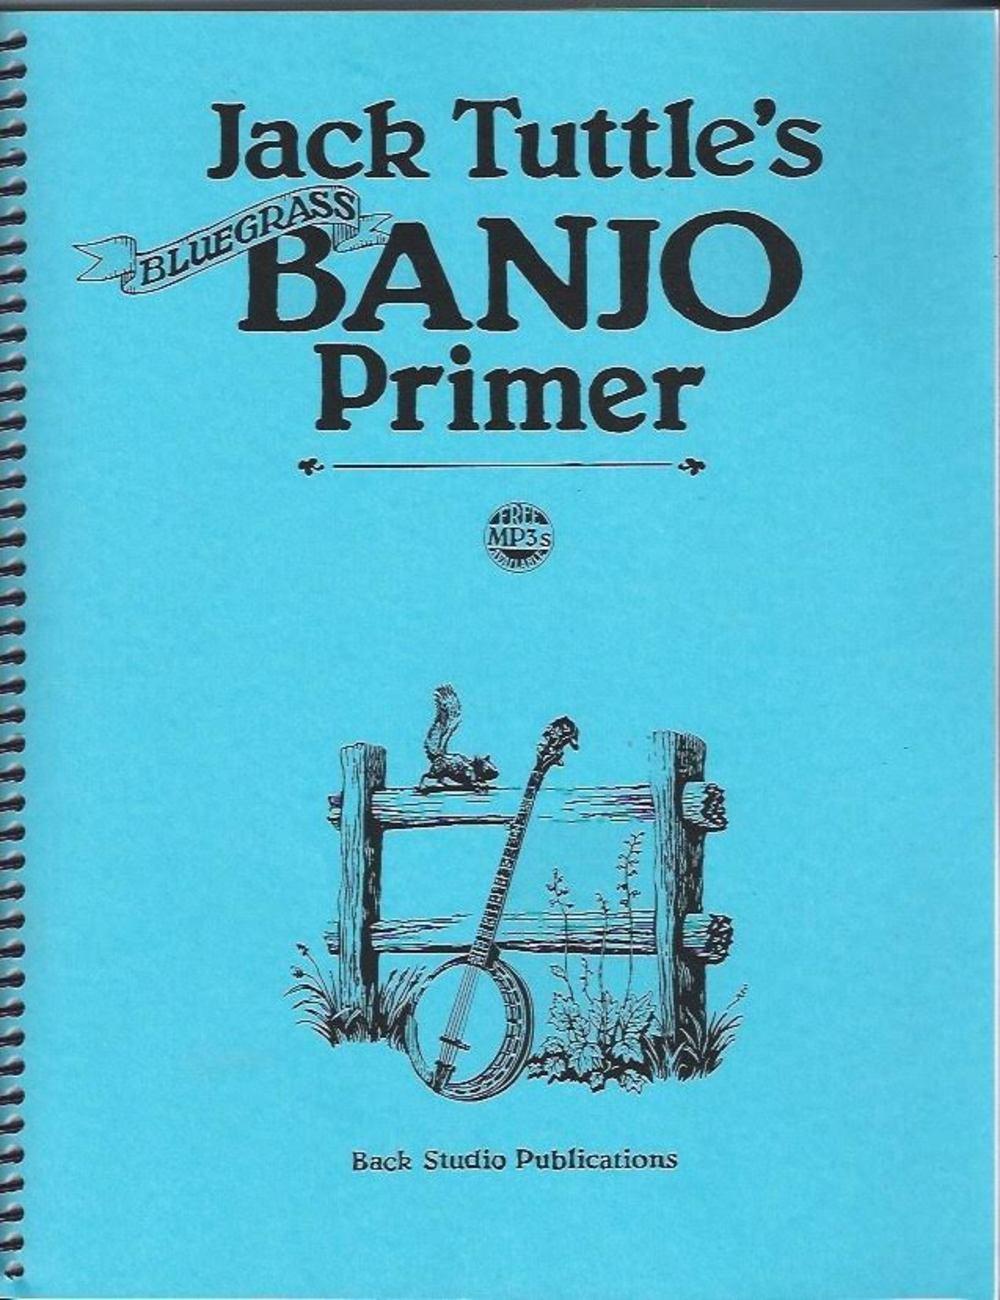 Jack Tuttle's Bluegrass Banjo Primer